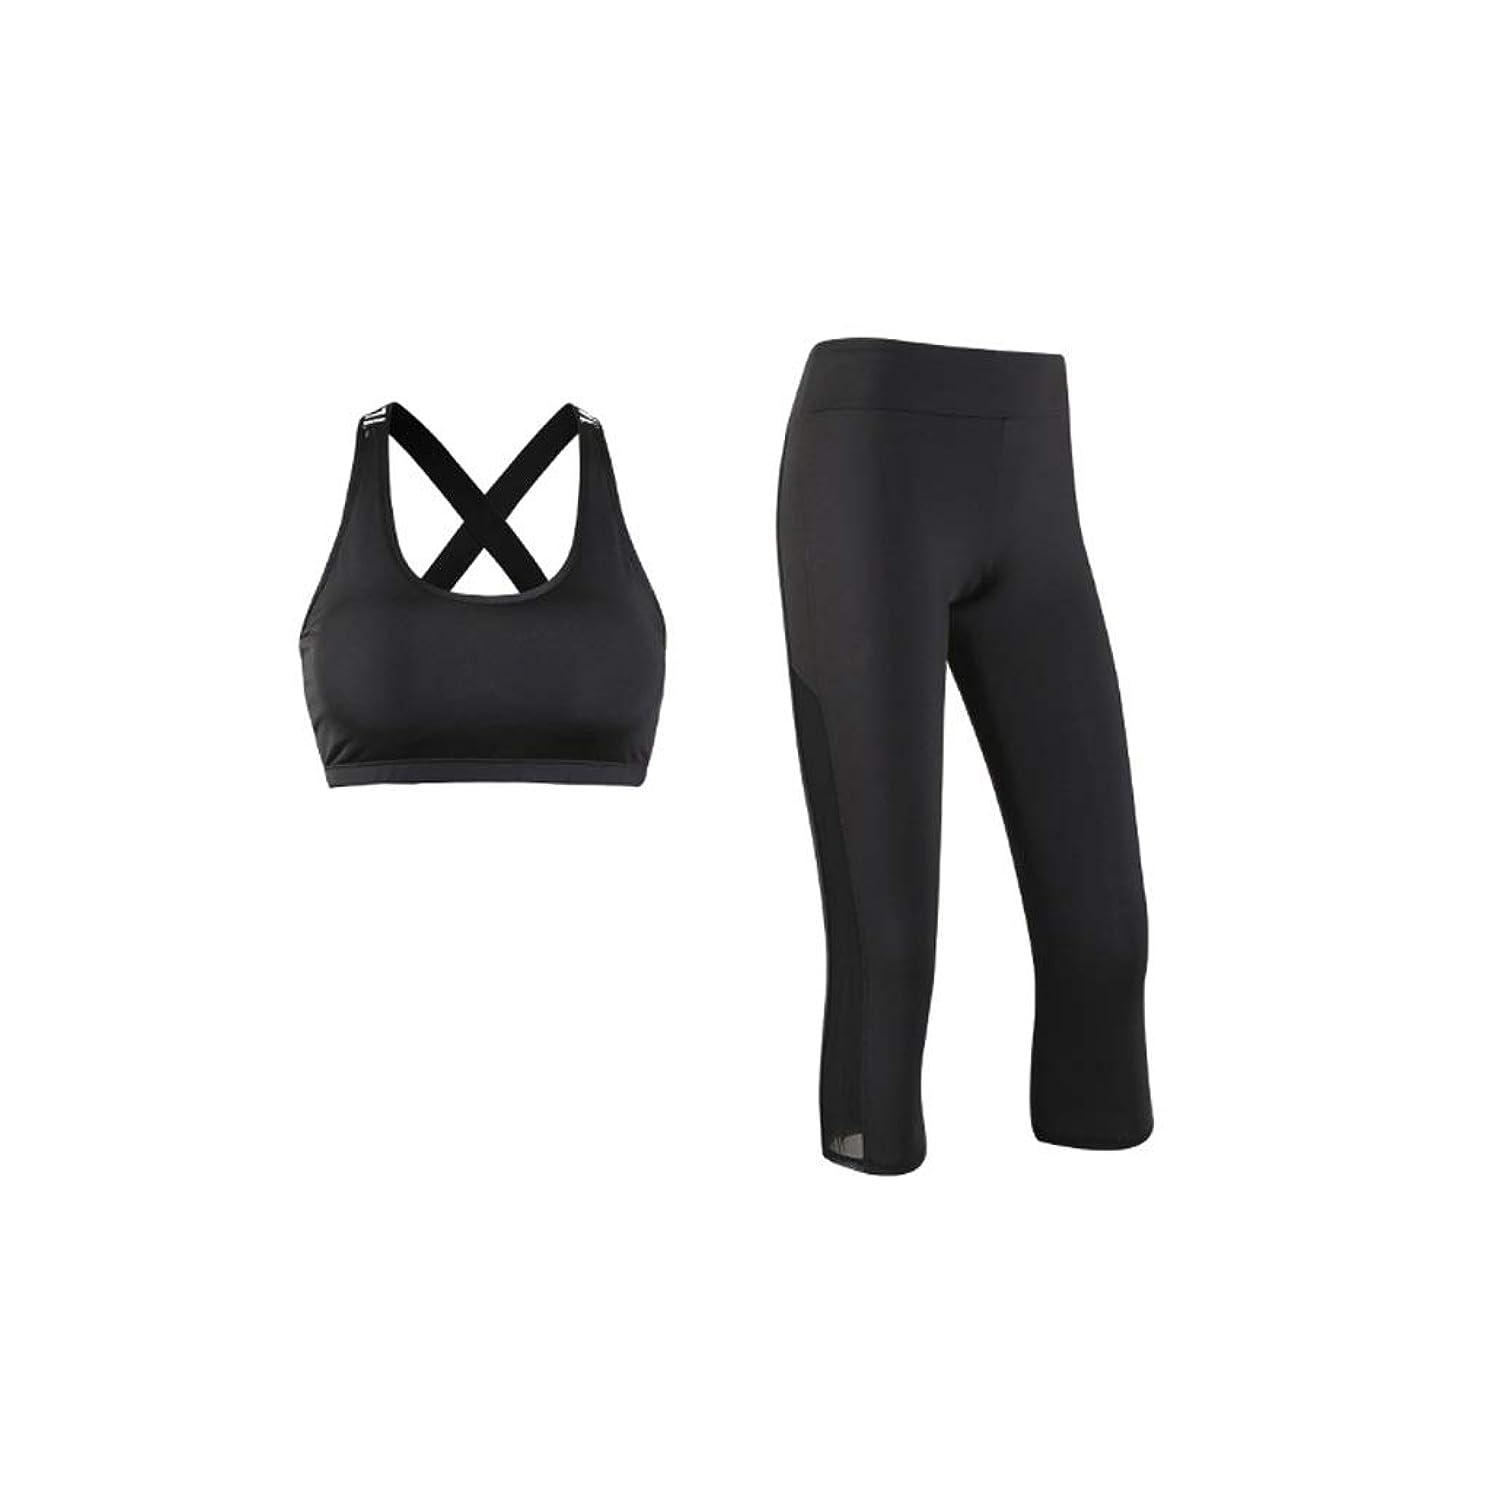 遠足手当怒るツーピースの婦人用スポーツウェア速乾性スポーツベストズボンフィットネススーツ (Color : Black, Size : XL)